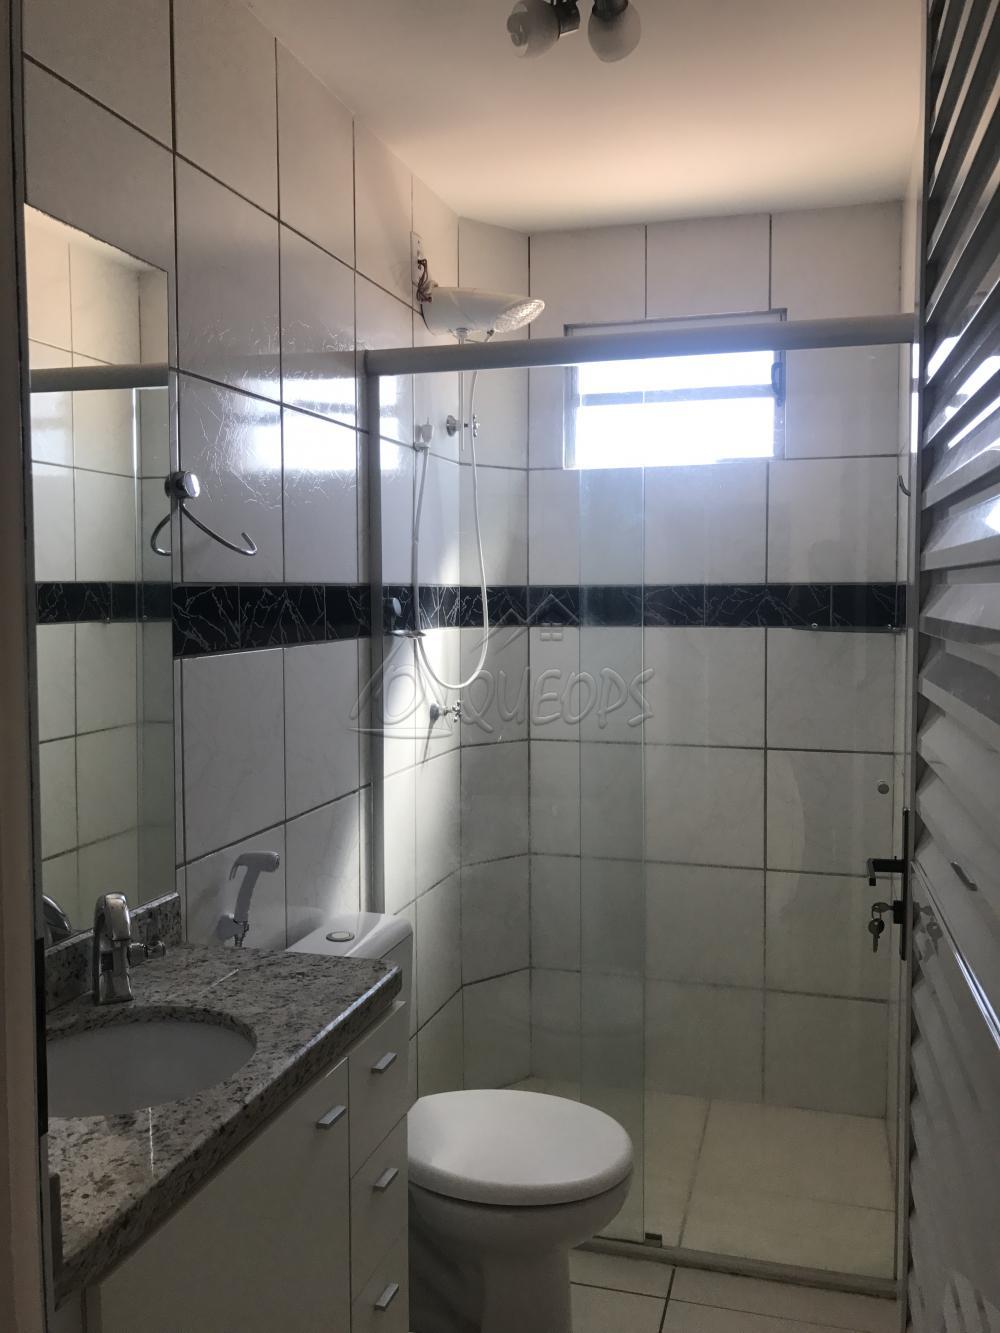 Comprar Apartamento / Padrão em Barretos apenas R$ 350.000,00 - Foto 15